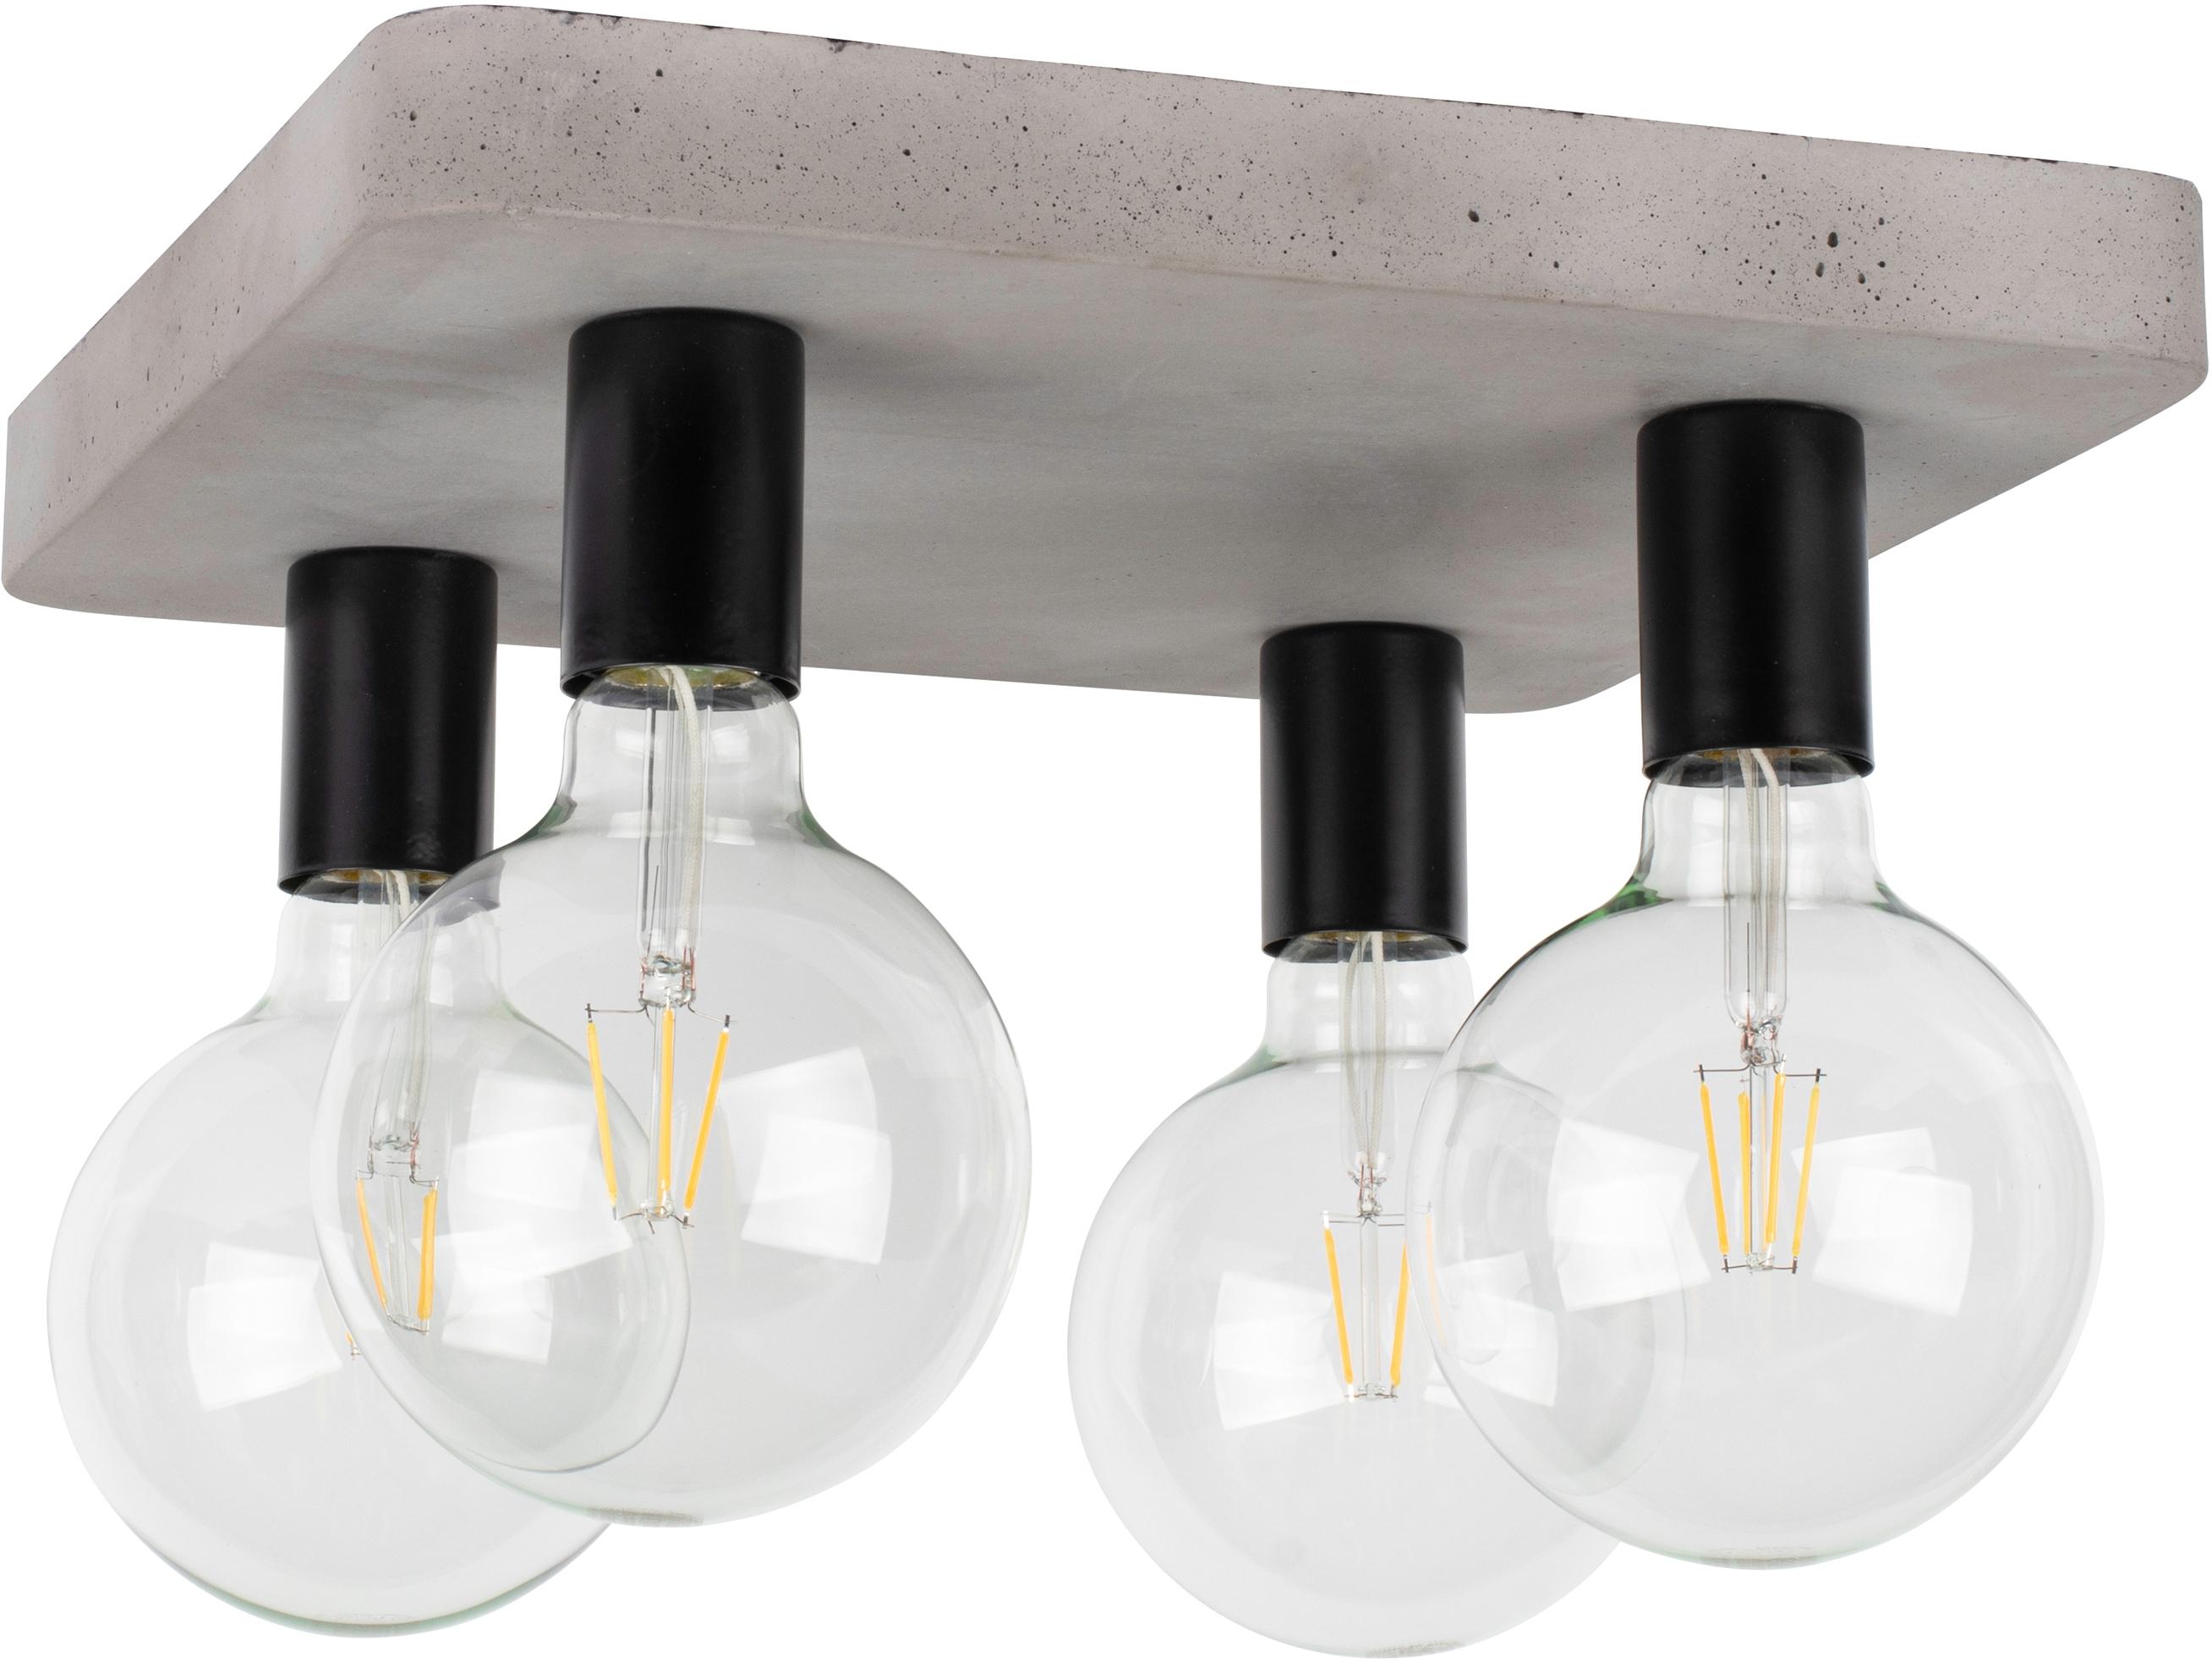 SPOT Light Deckenleuchte FORTAN, E27, 1 St., Echtes Beton - handgefertigt, Naturprodukt - Nachhaltig, Ideal für Vintage-Leuchtmittel, Made in Europe